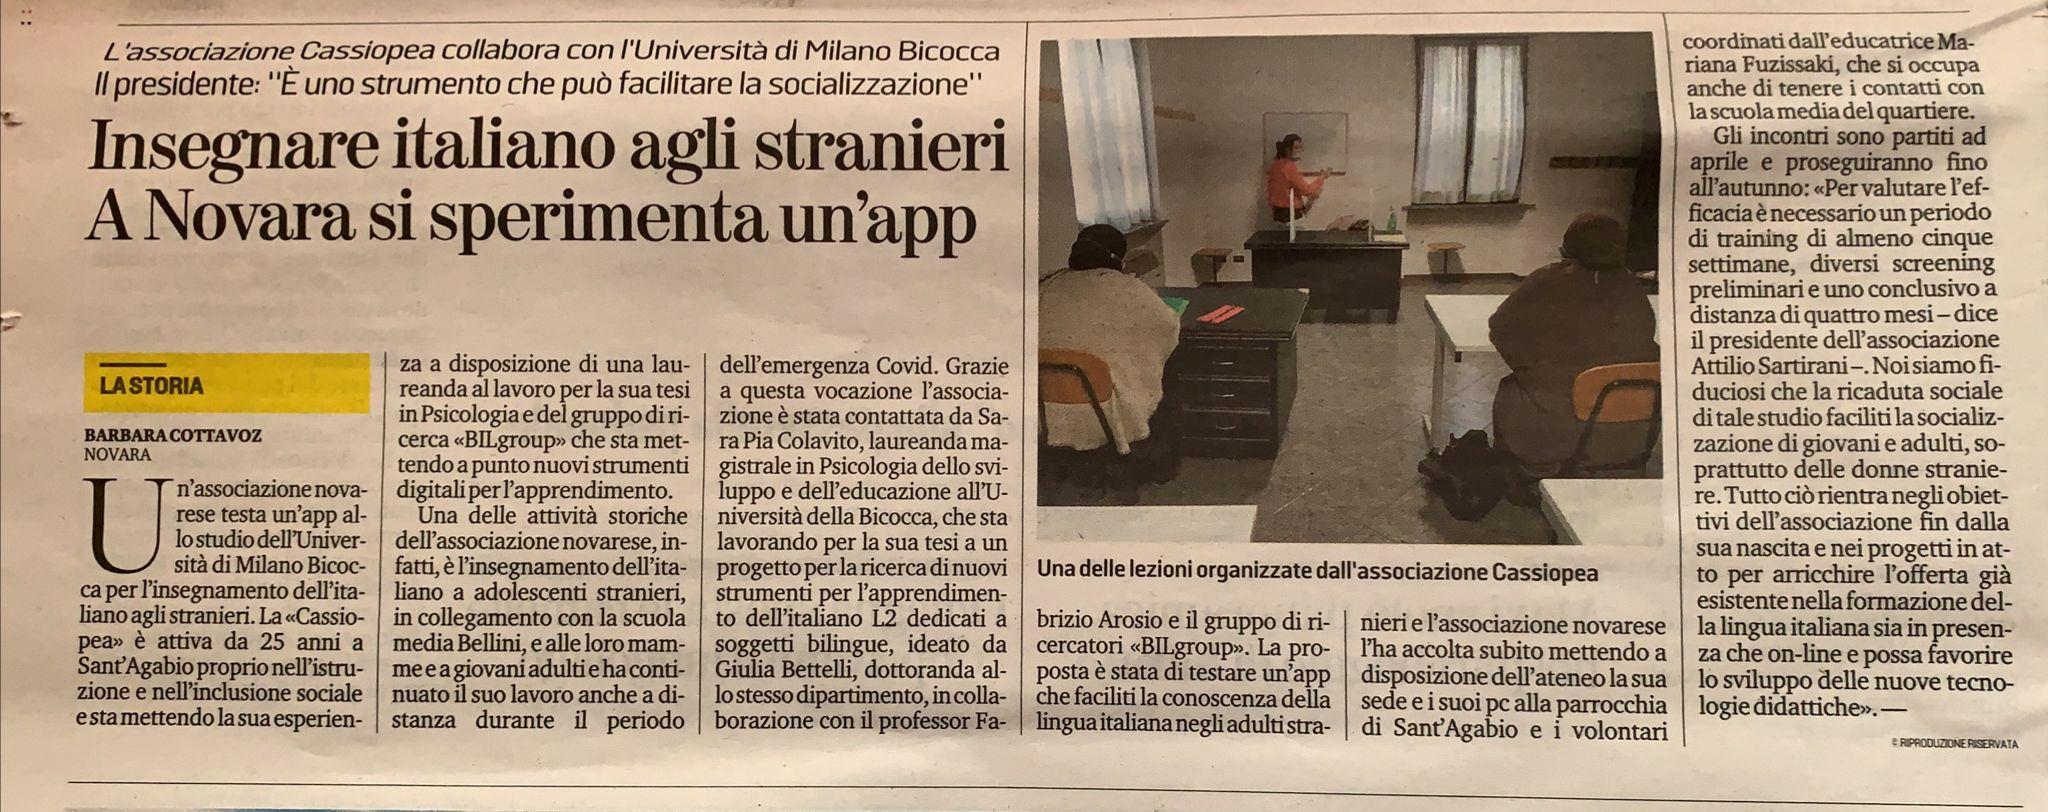 Foto articolo La Stampa